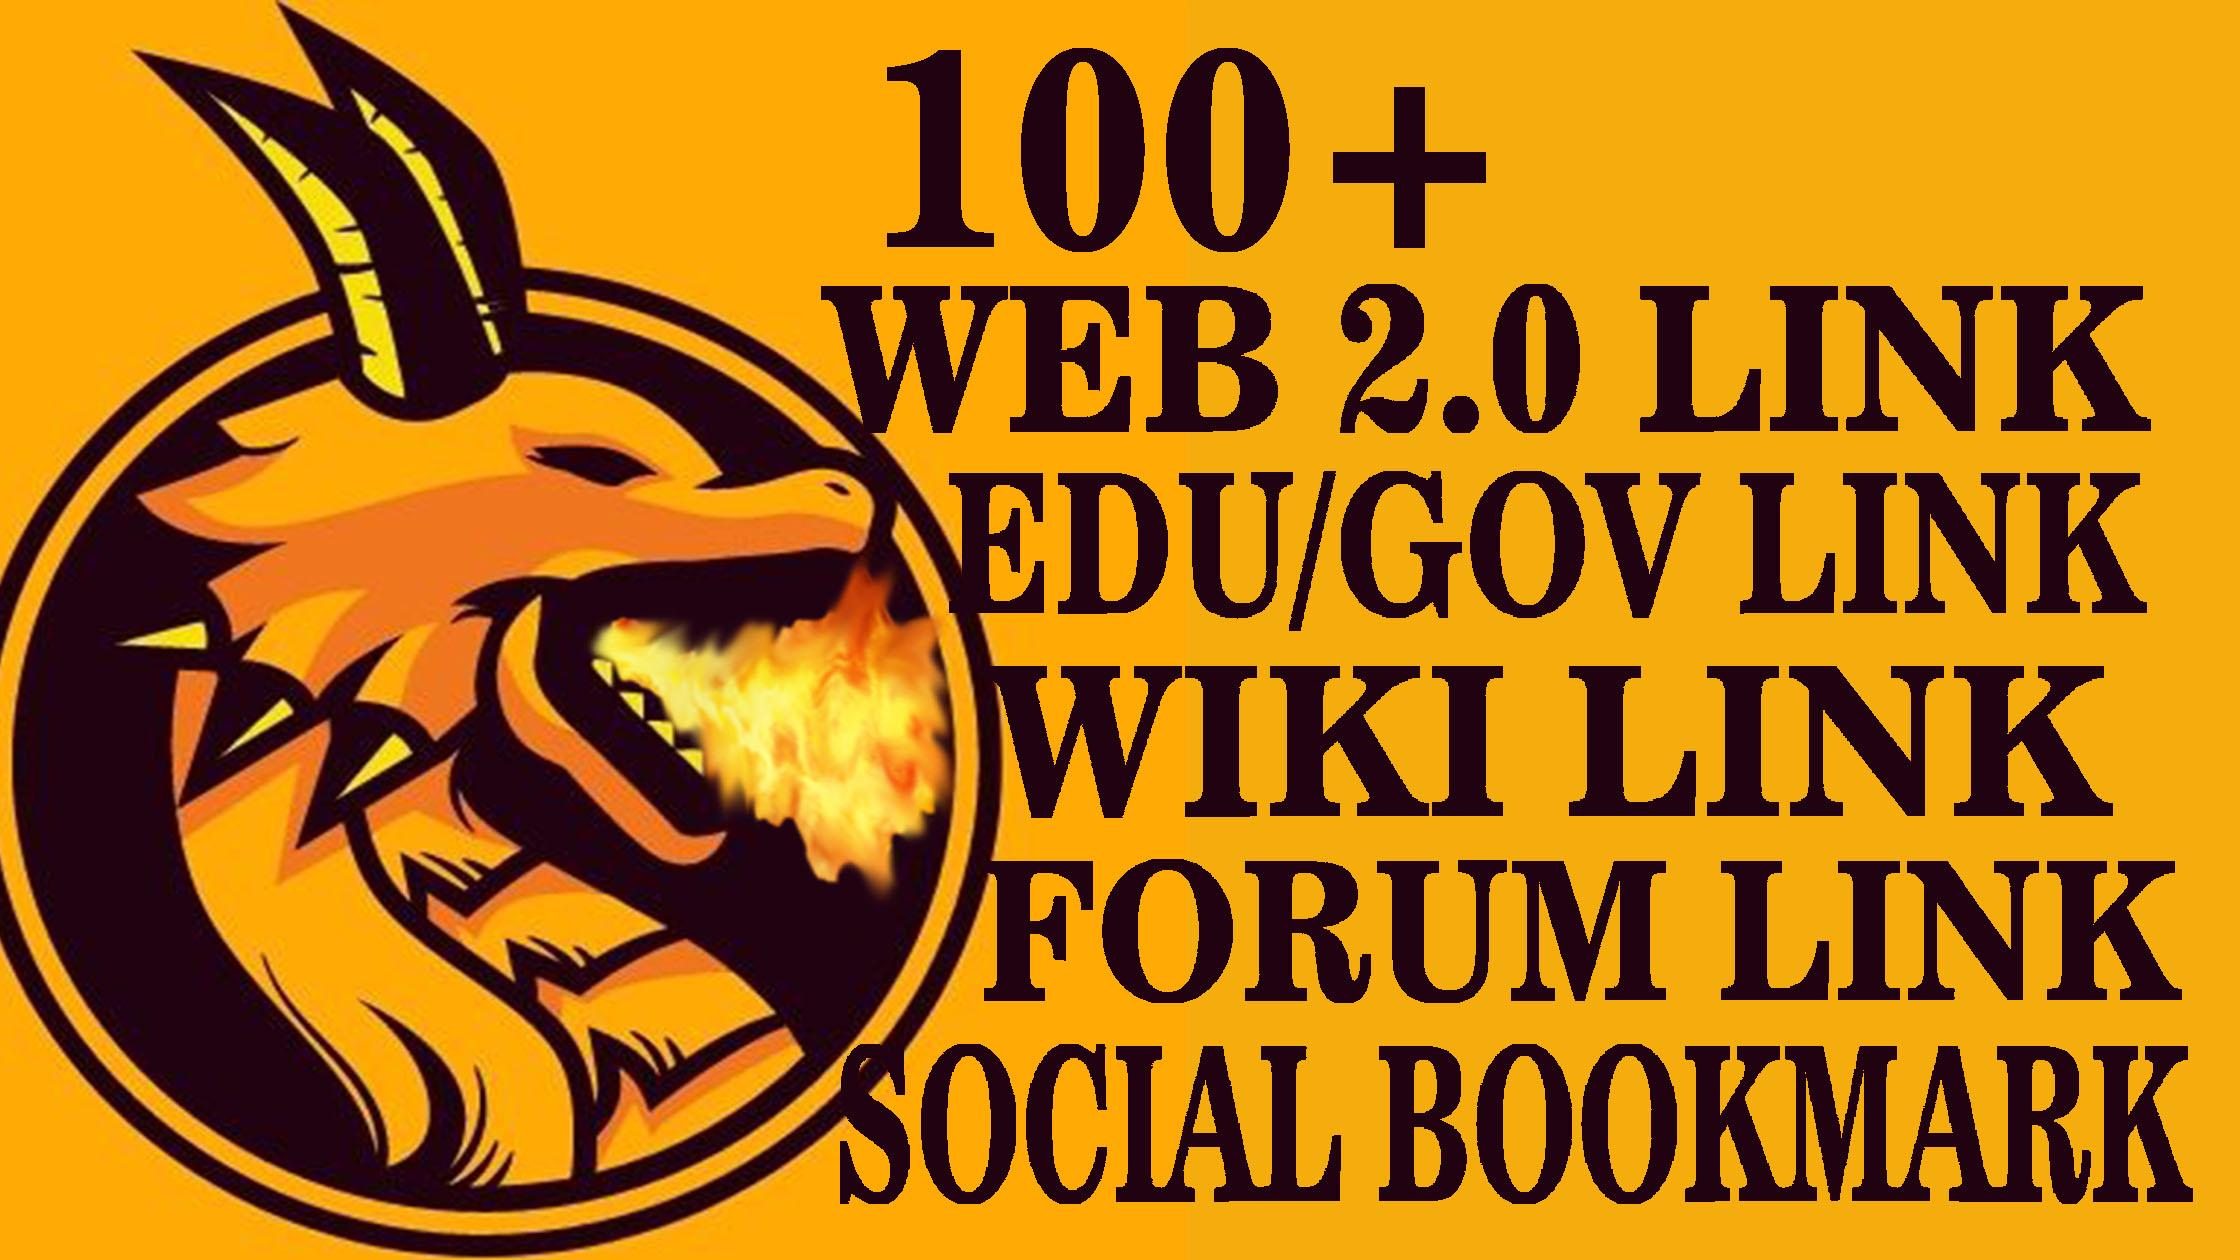 BUMPER PACKAGE, 100+ HIGH QUALITY WEB 2.0 LINK, EDU/GOV LINK, WIKI LINK, SOCIAL BOOKMARK & FORUM LINK